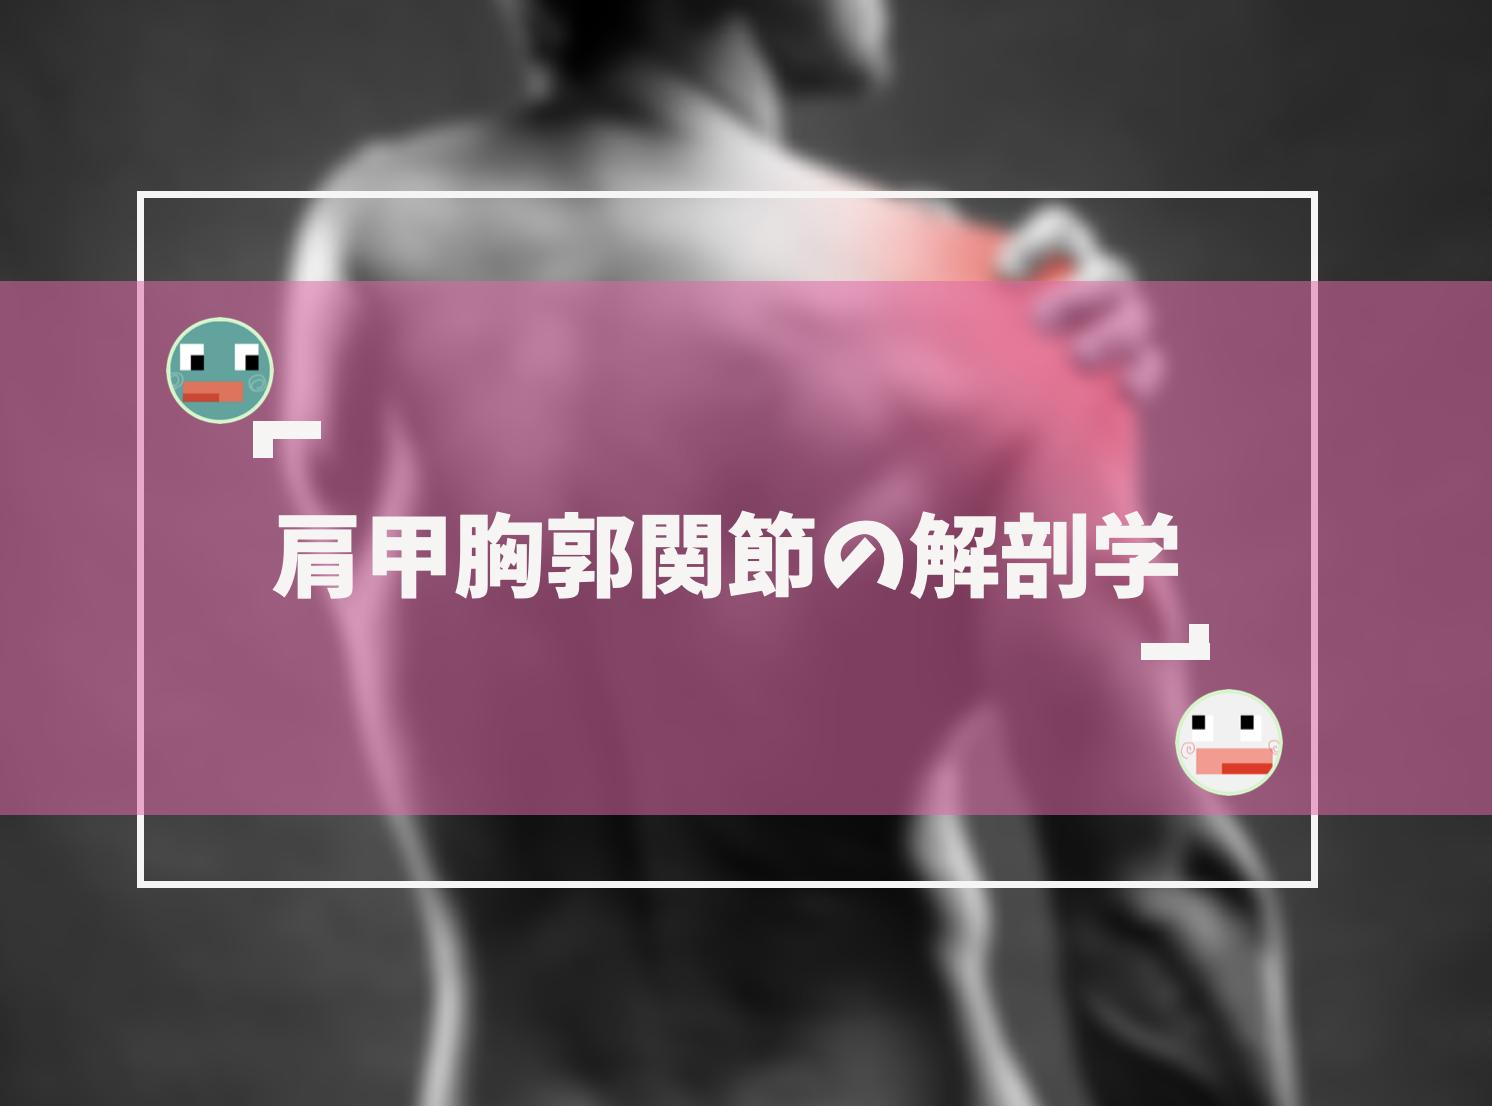 肩甲胸郭関節の基礎解剖学